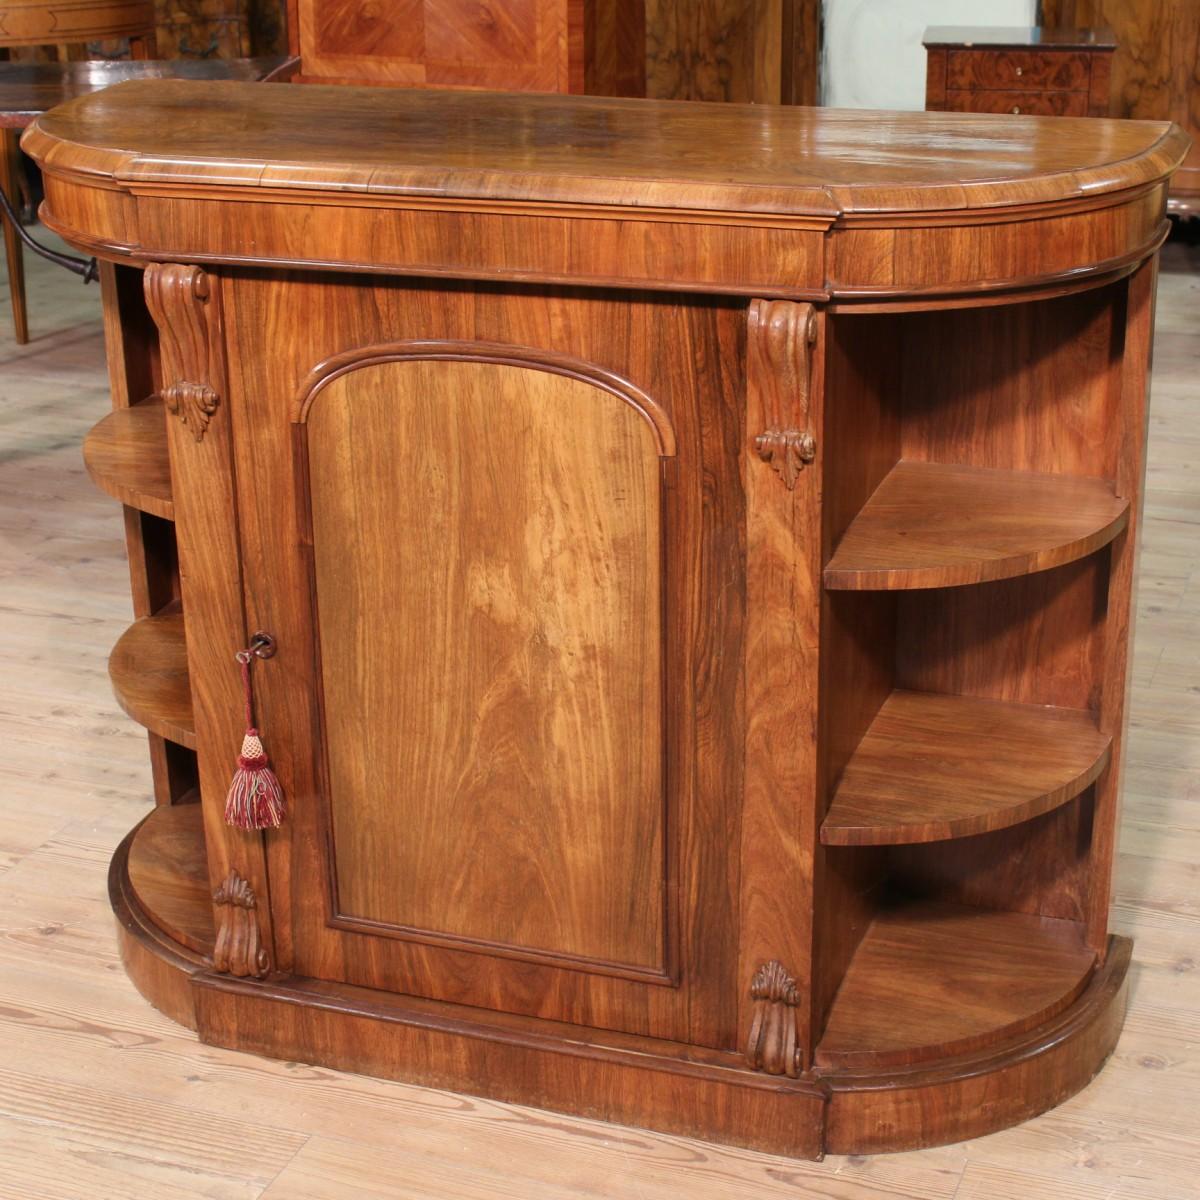 Mobili in legno naturale woodside. Arredare Casa Con I Mobili Inglesi Antichi